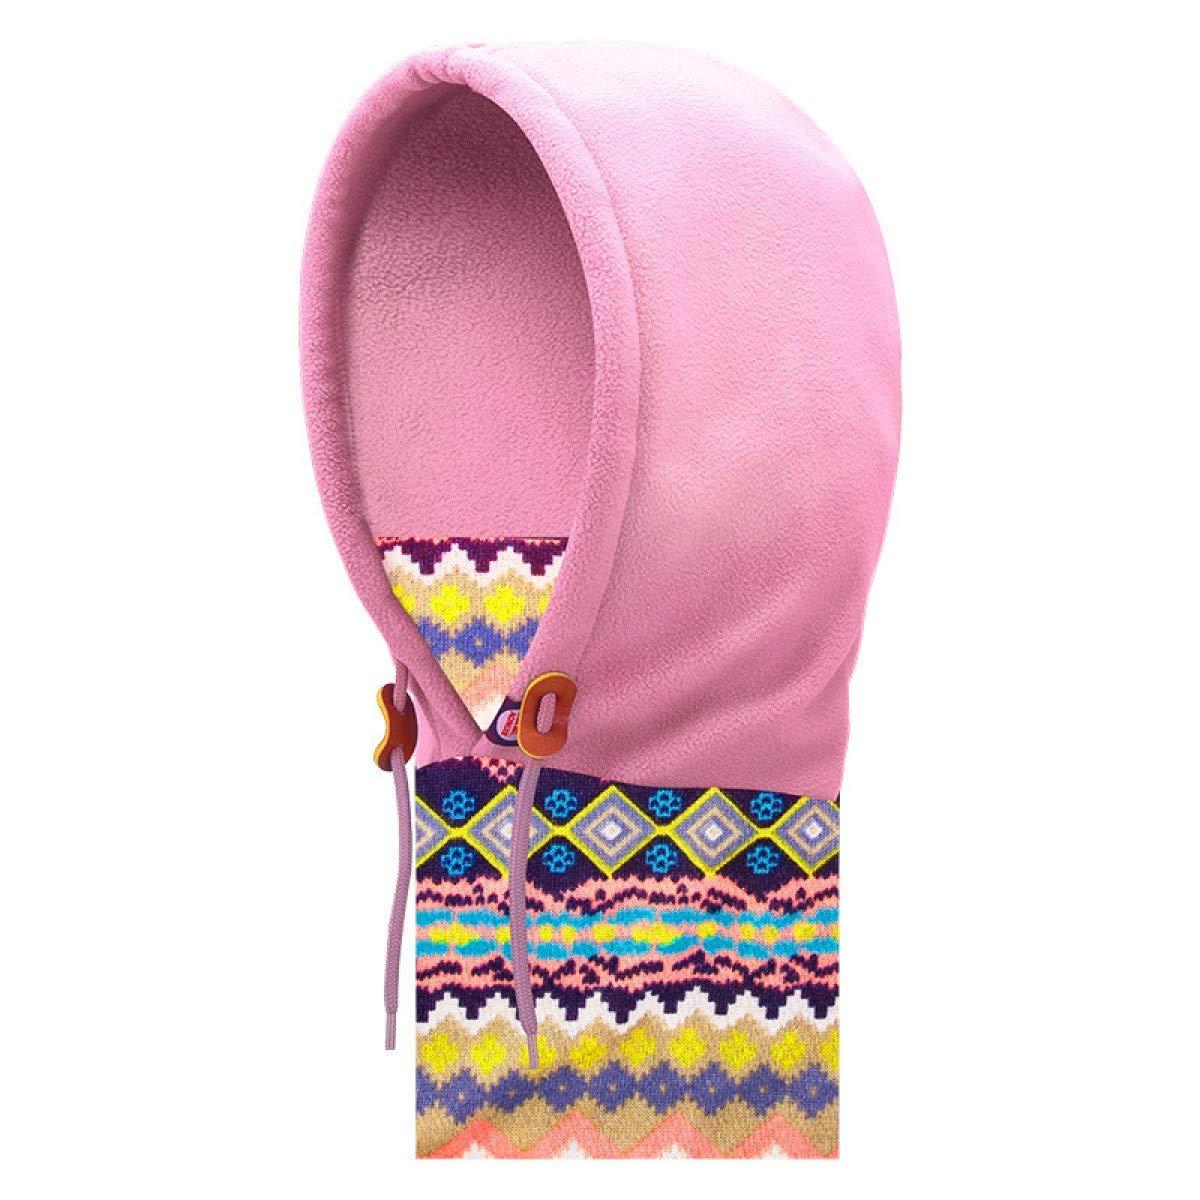 TRIWONDER Kids Fleece Passamontagna Maschera per Maschera da Sci a Clima Freddo Inverno cap Antivento Neck Warmer Cappello a Faccia Piana per Ragazzi Ragazze Toddler